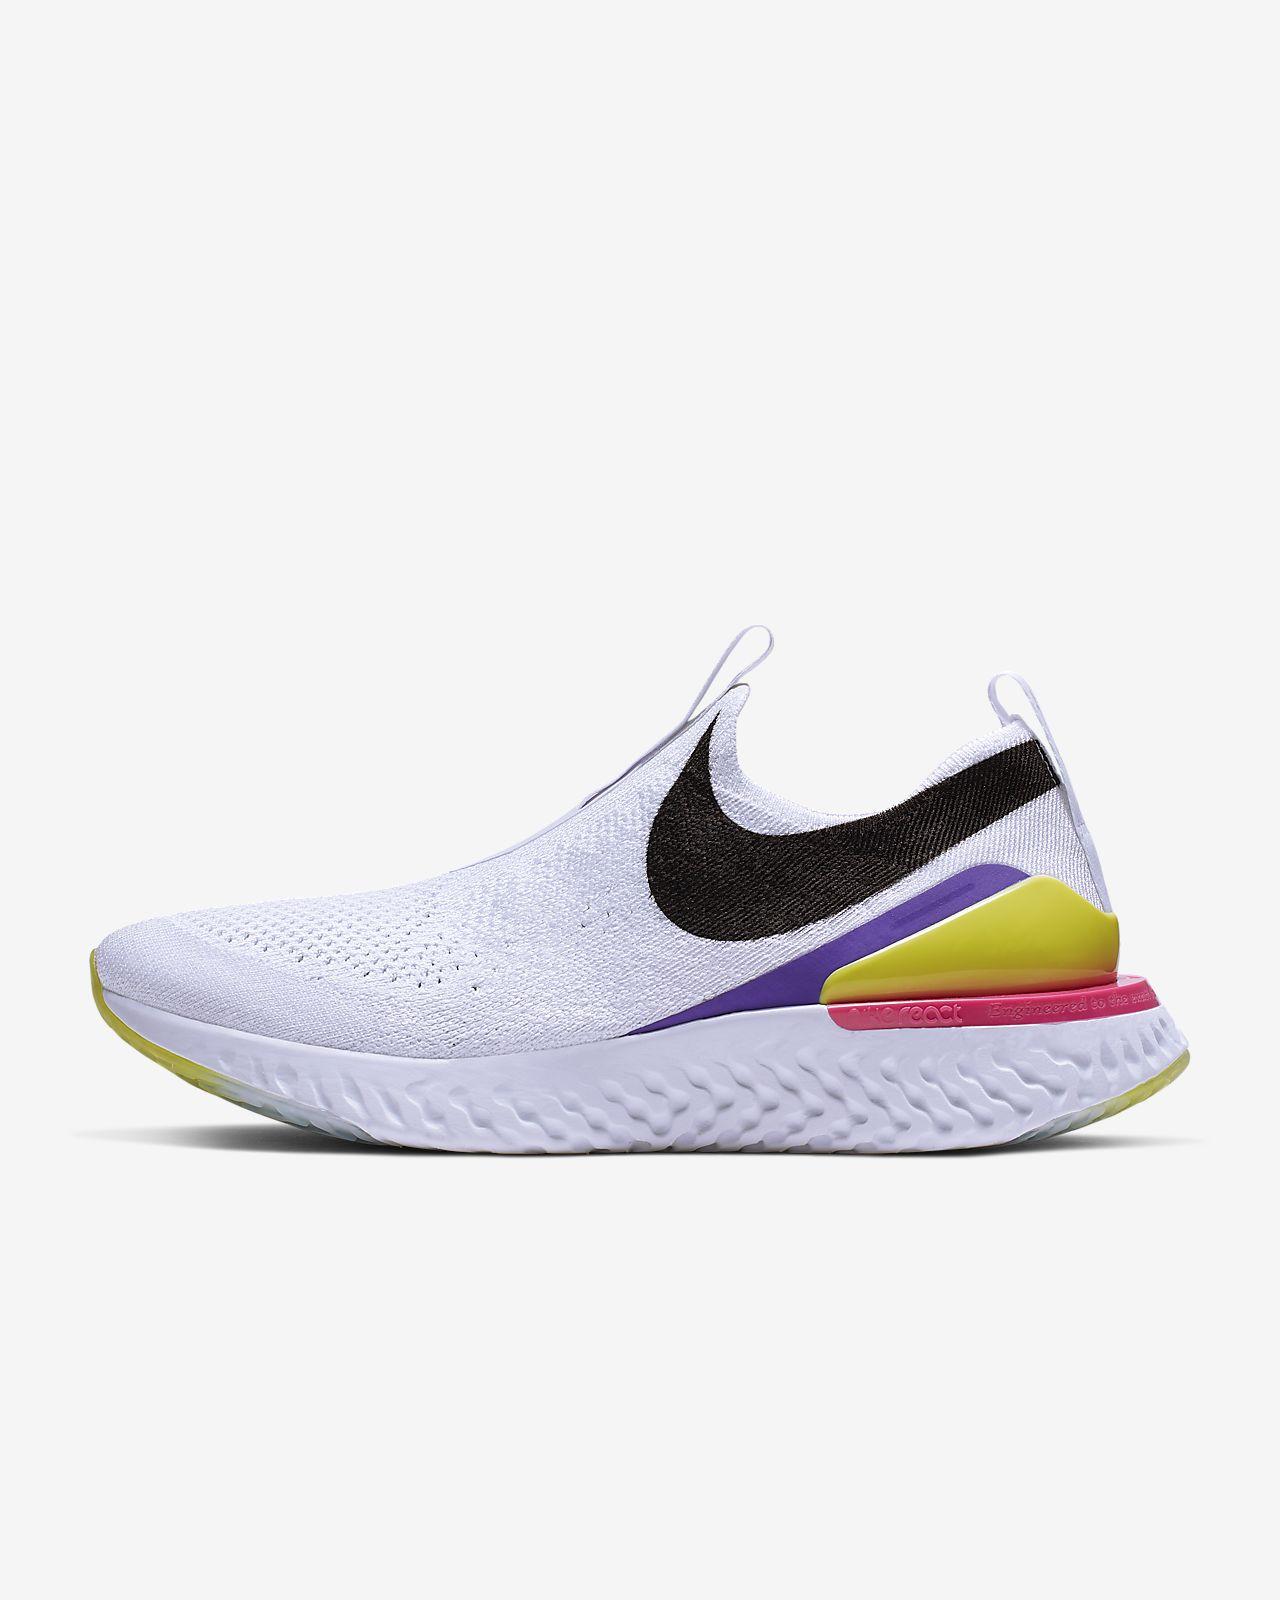 Women's Nike Running Shoes | Free Shipping & Returns